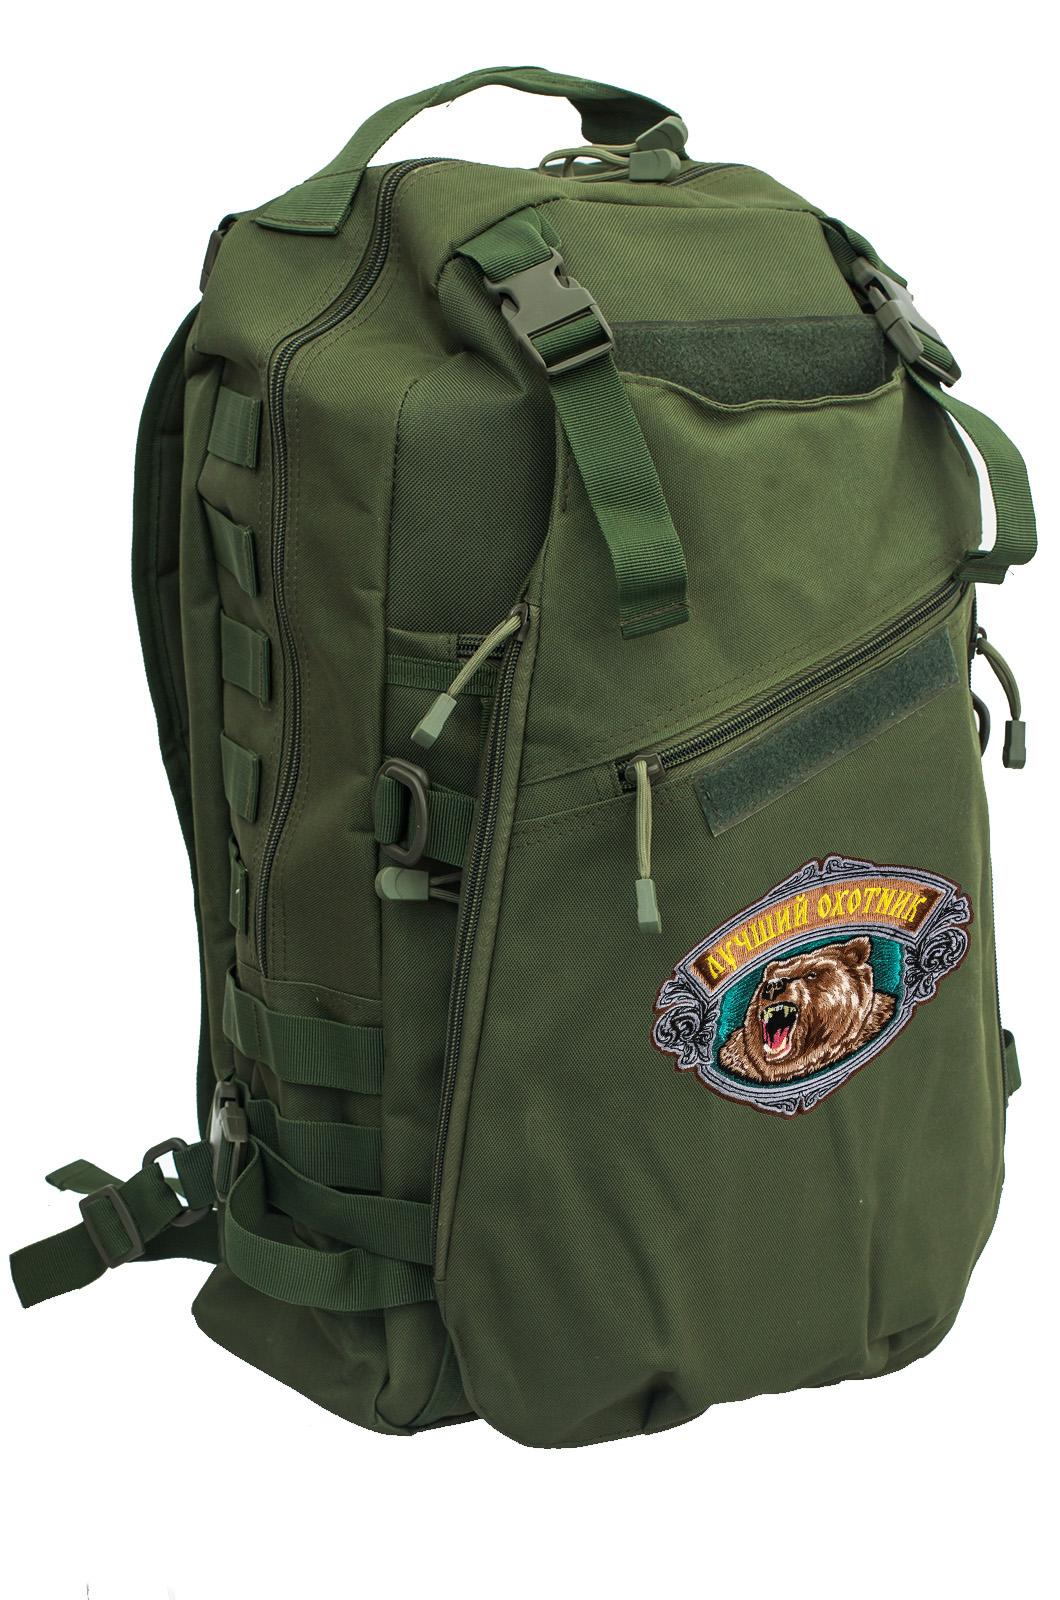 Надежный внушительный рюкзак с нашивкой Лучший Охотник - купить онлайн